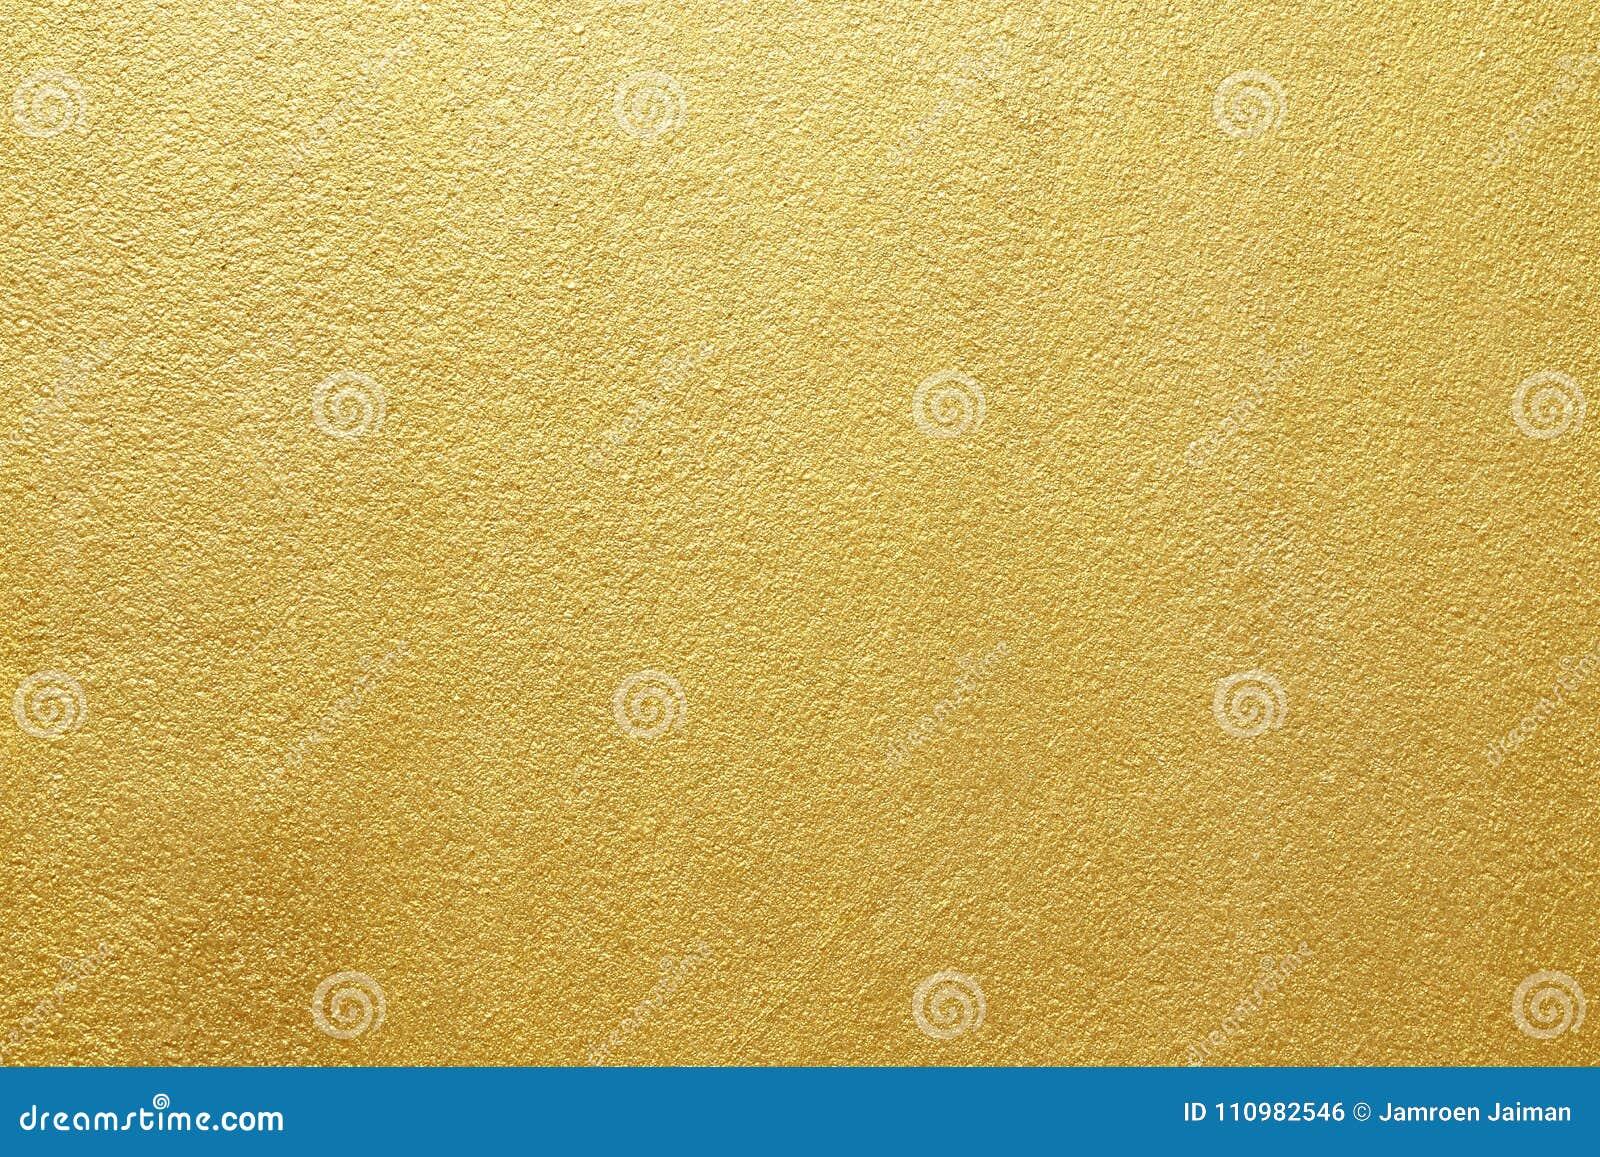 Glanzend geel bladgoud van de achtergrond van de muurtextuur